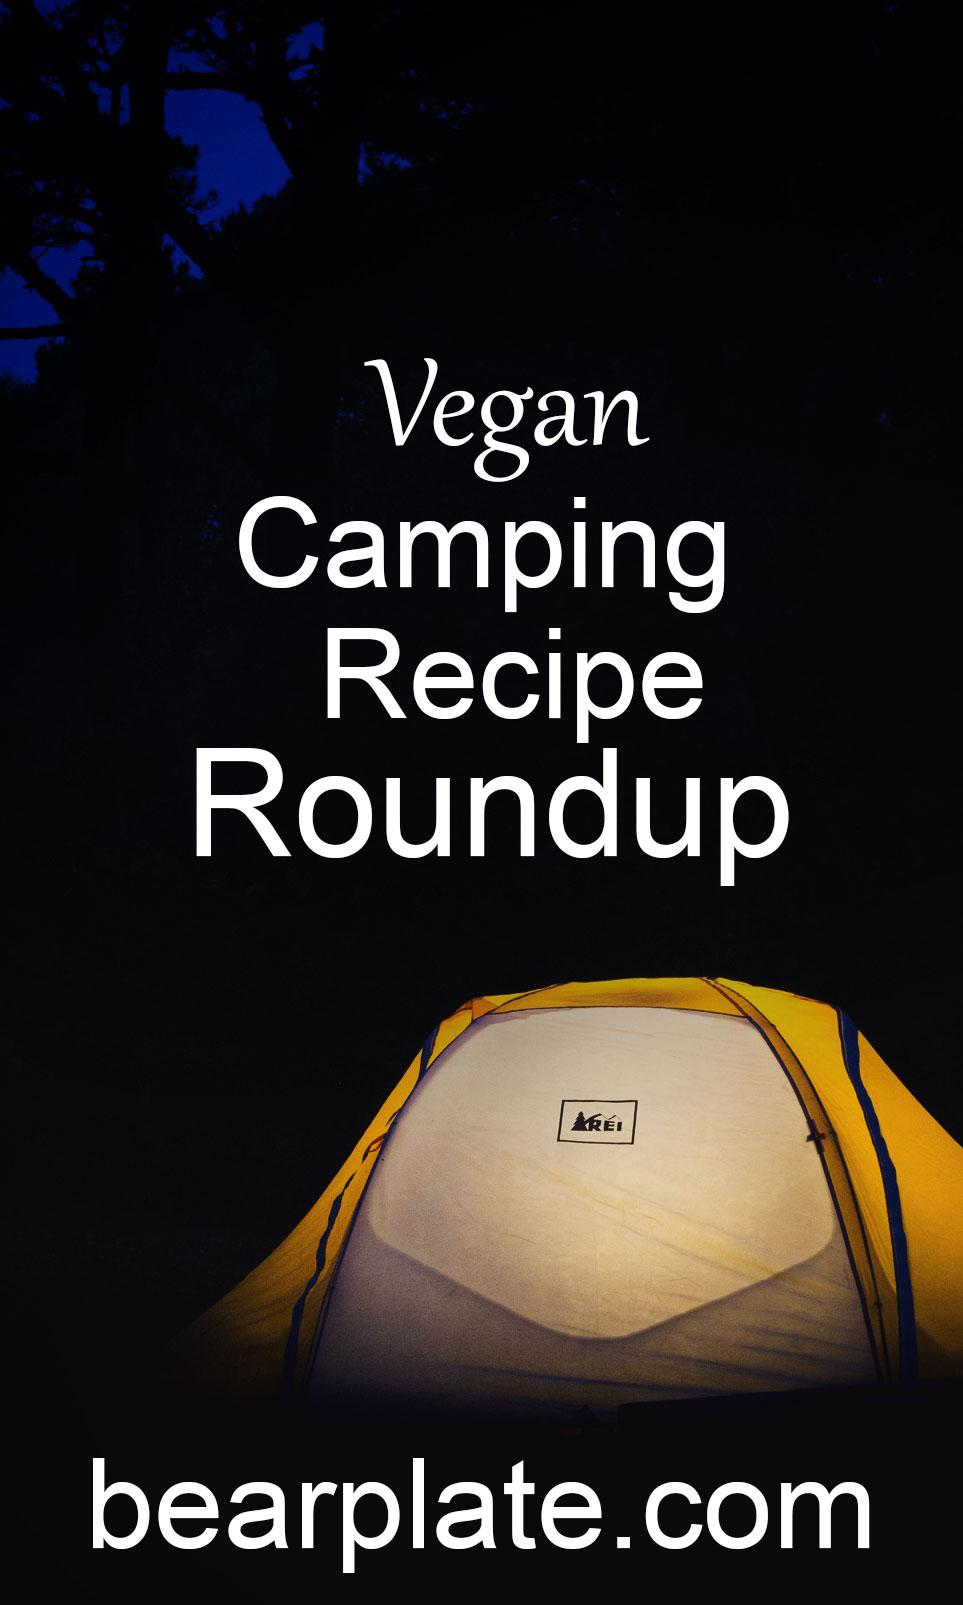 Vegan Camping Recipe Roundup!!! #vegan #plantbased #camping #recipe #food